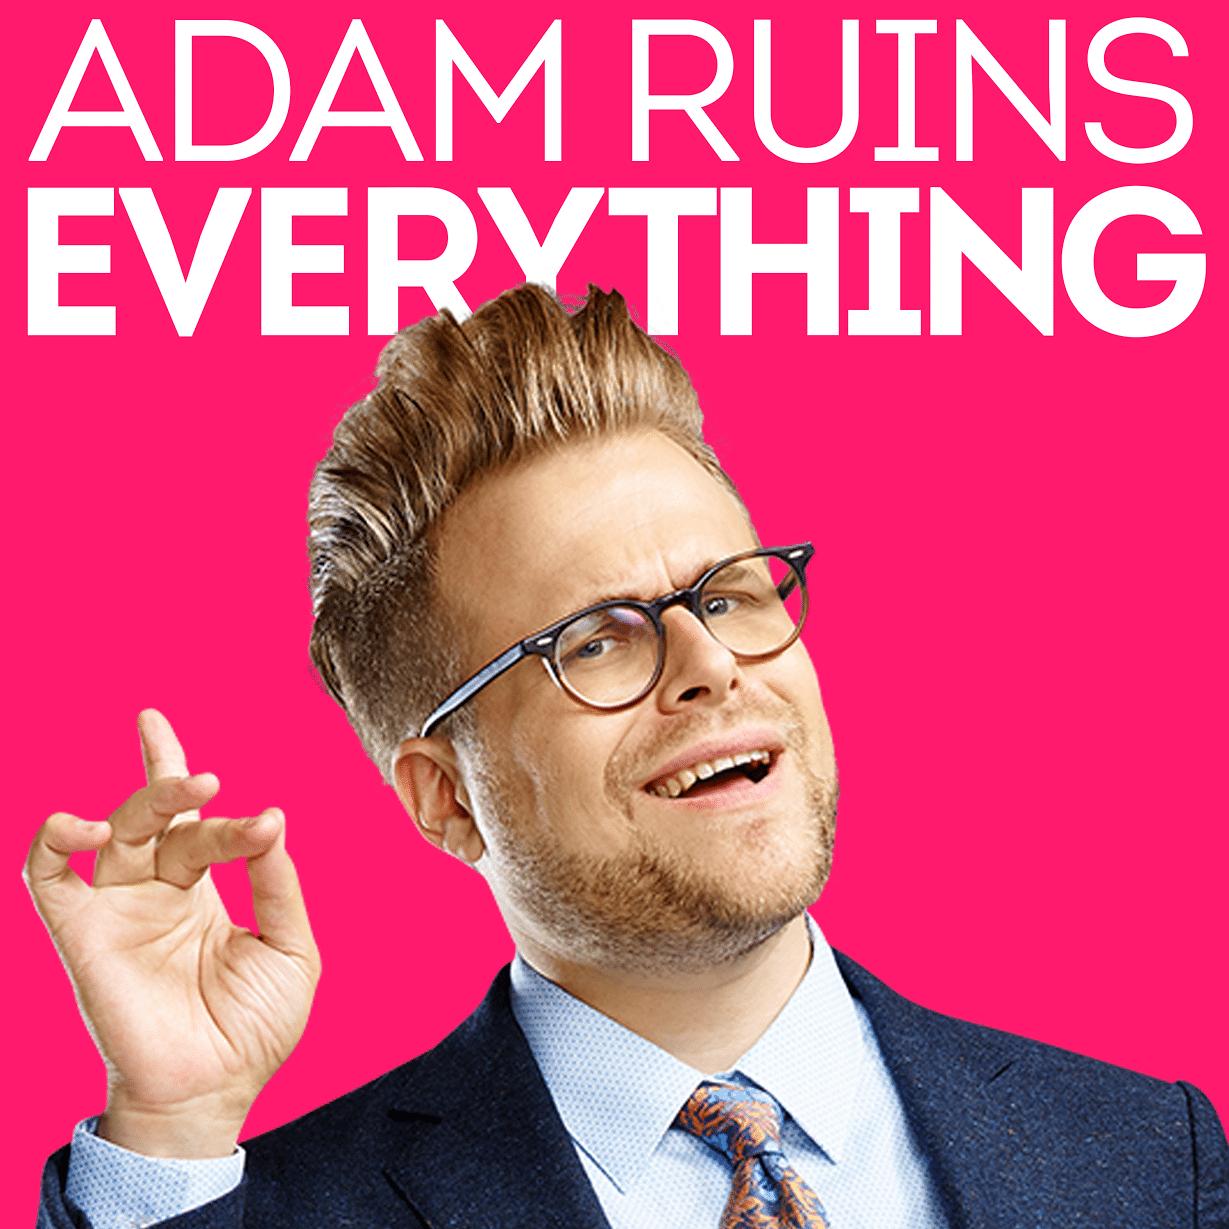 adam ruins everything new episodes